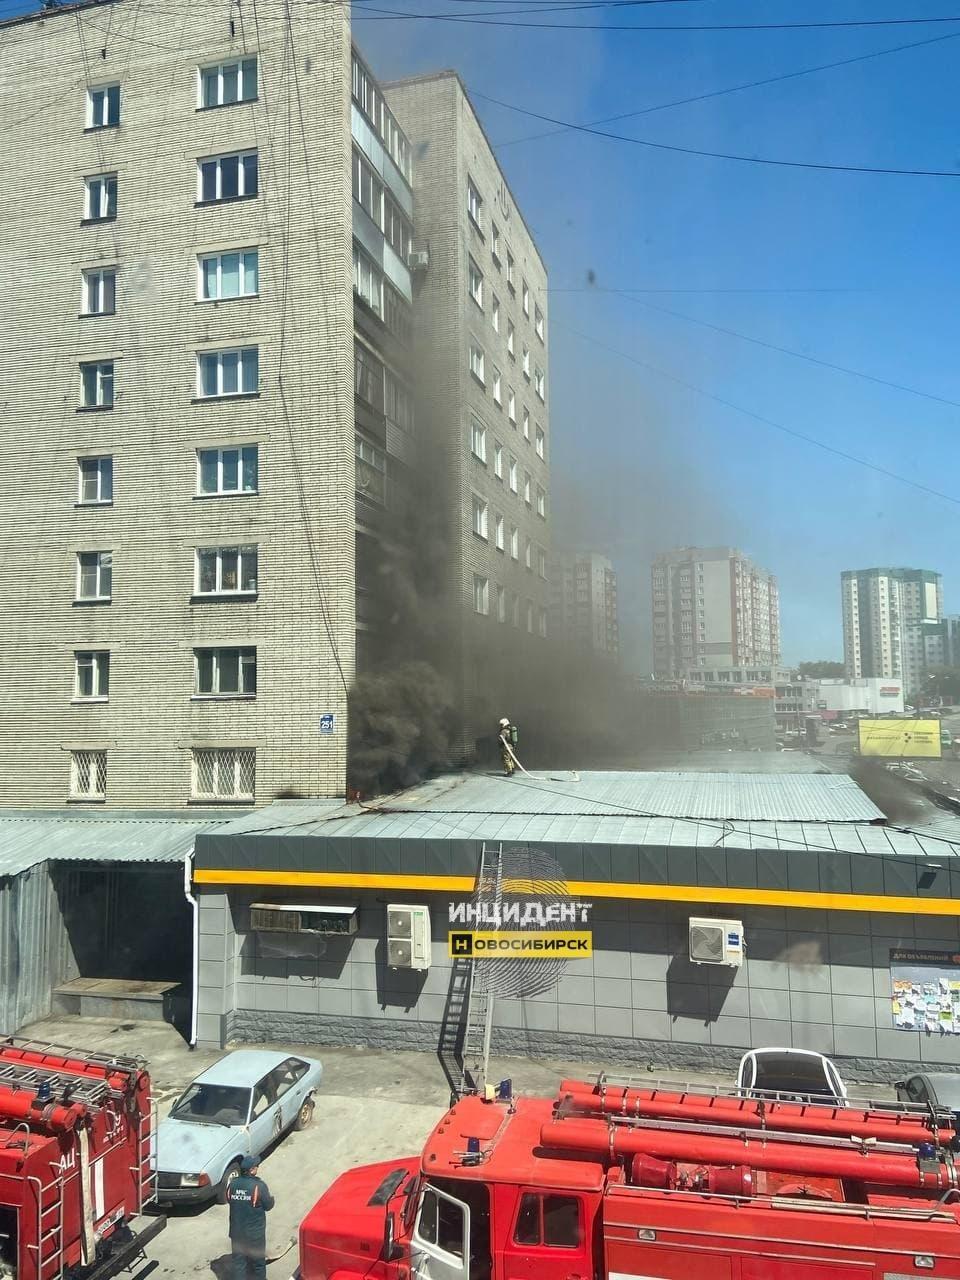 фото Покупателей вывели из супермаркета из-за пожара на крыше в Новосибирске 3